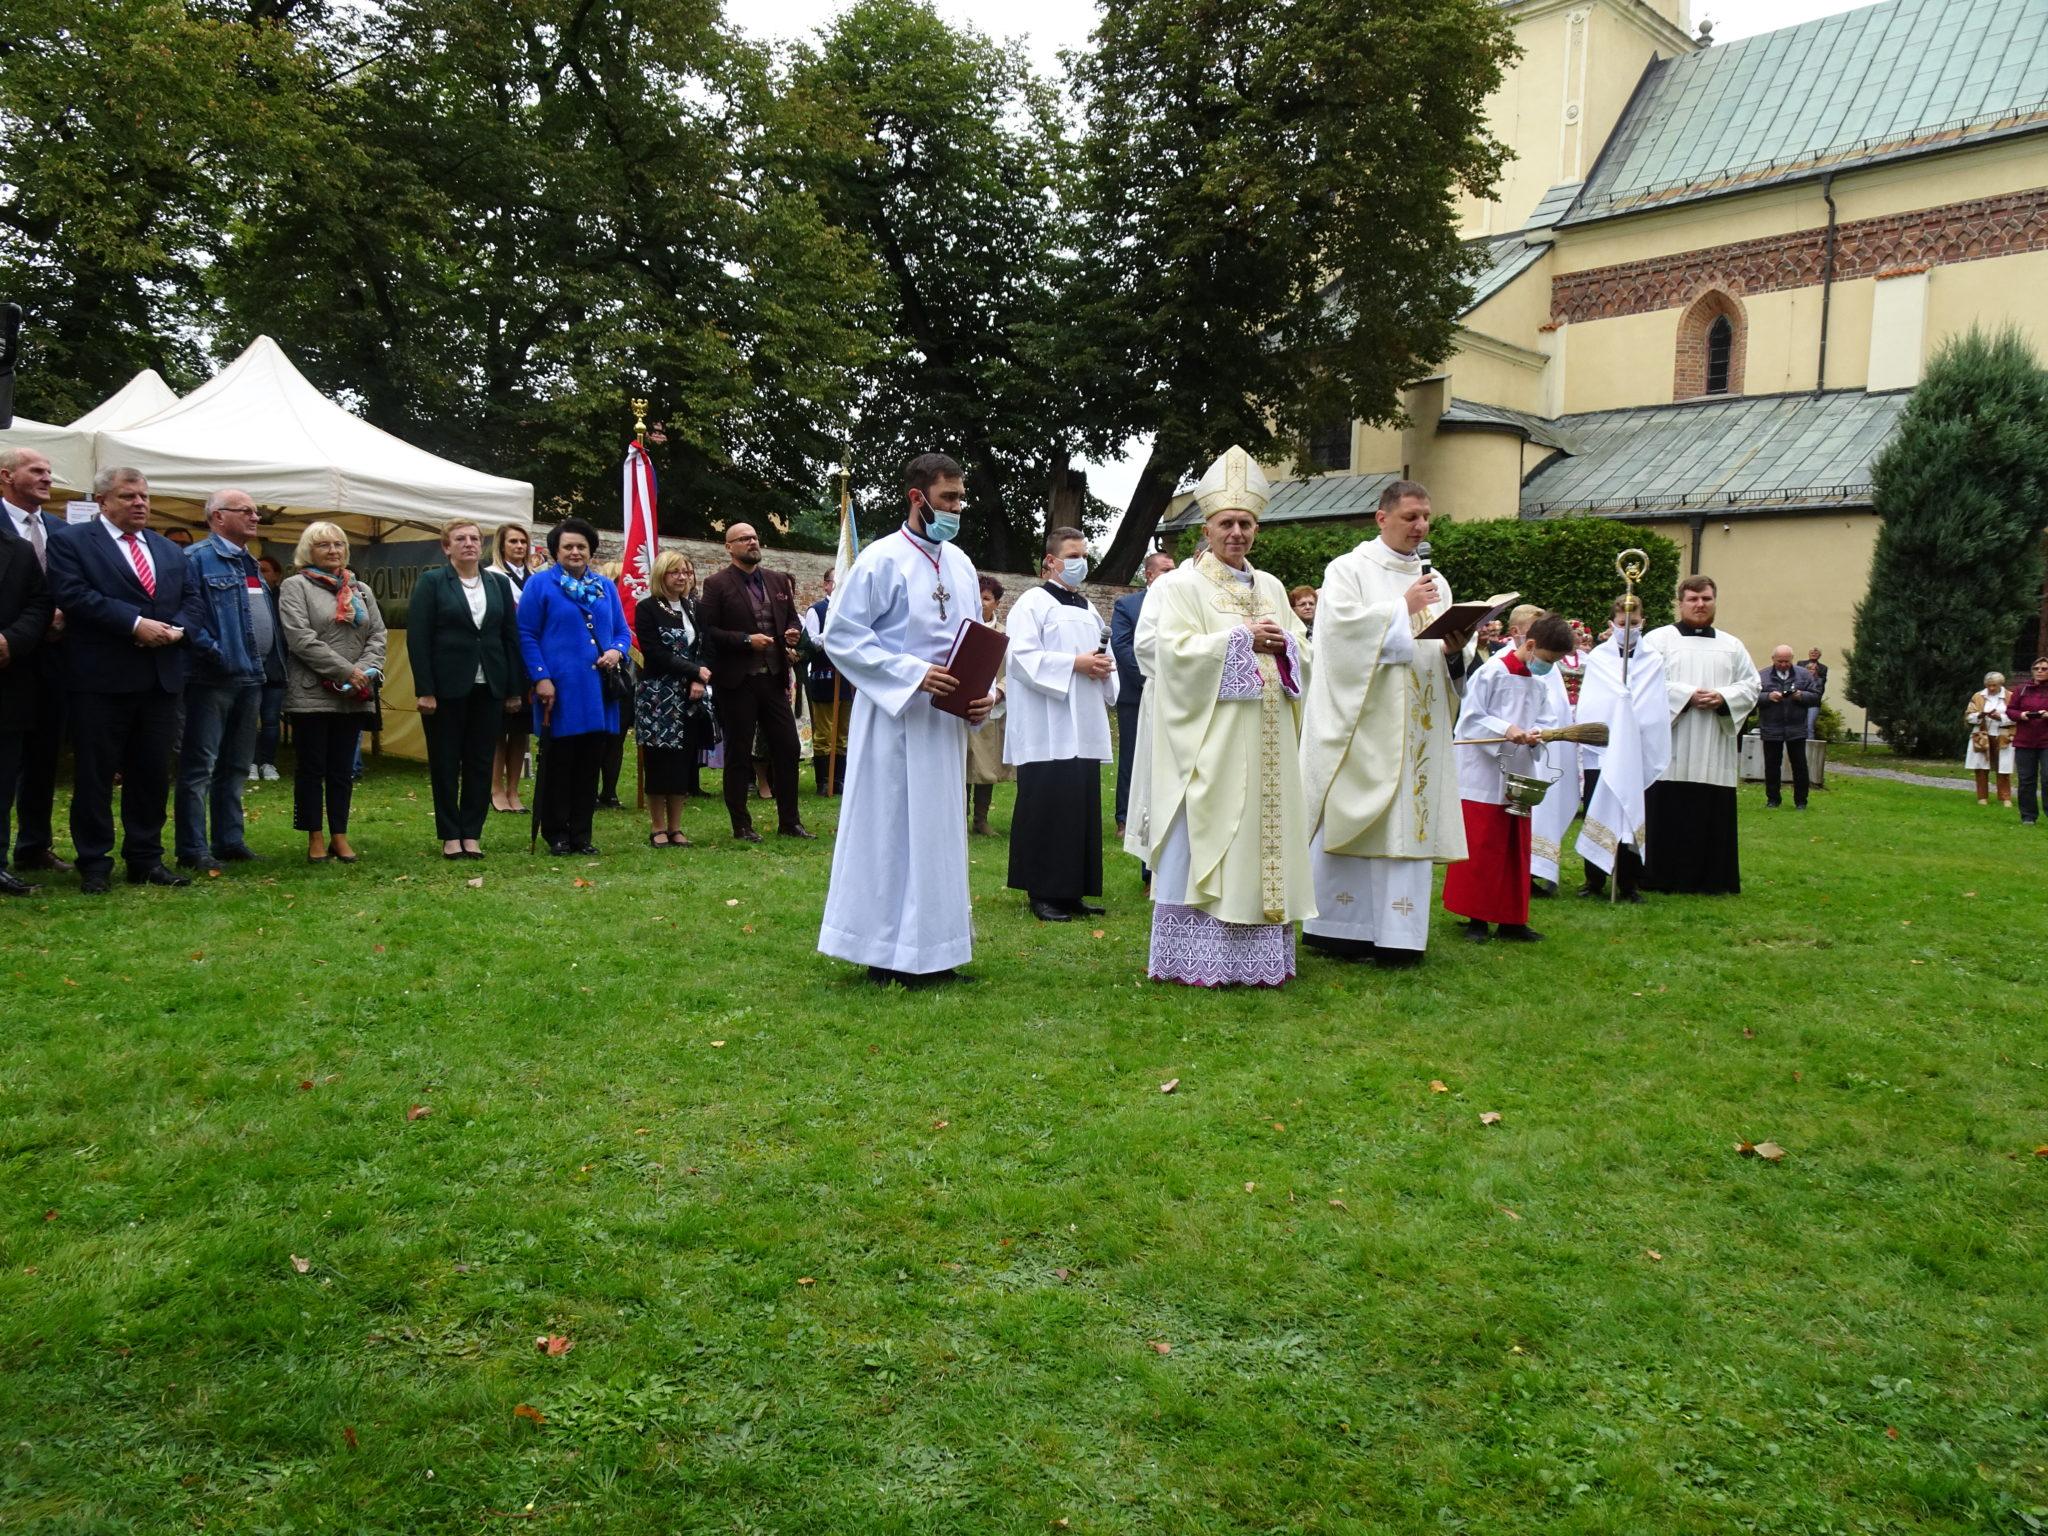 procesja do kościoła prowadzi biskup